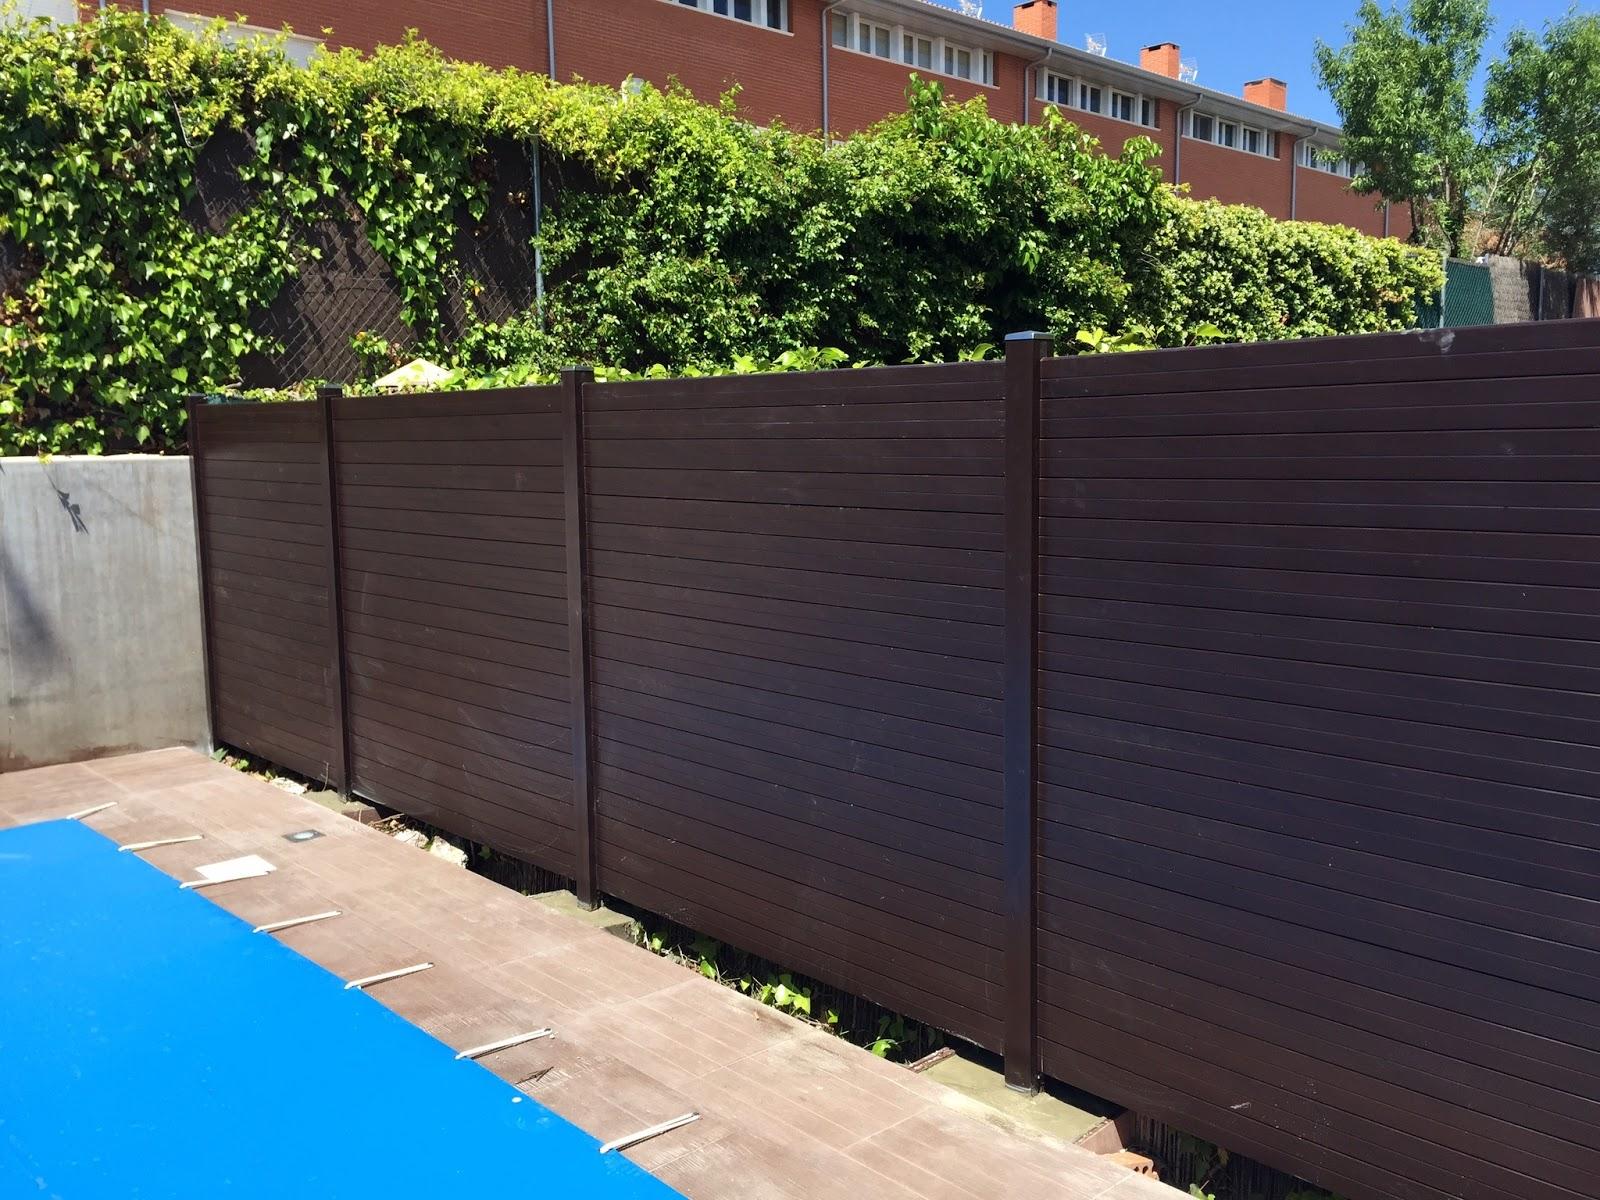 Como poner vallas de madera materiales de construcci n for Valla plastico jardin